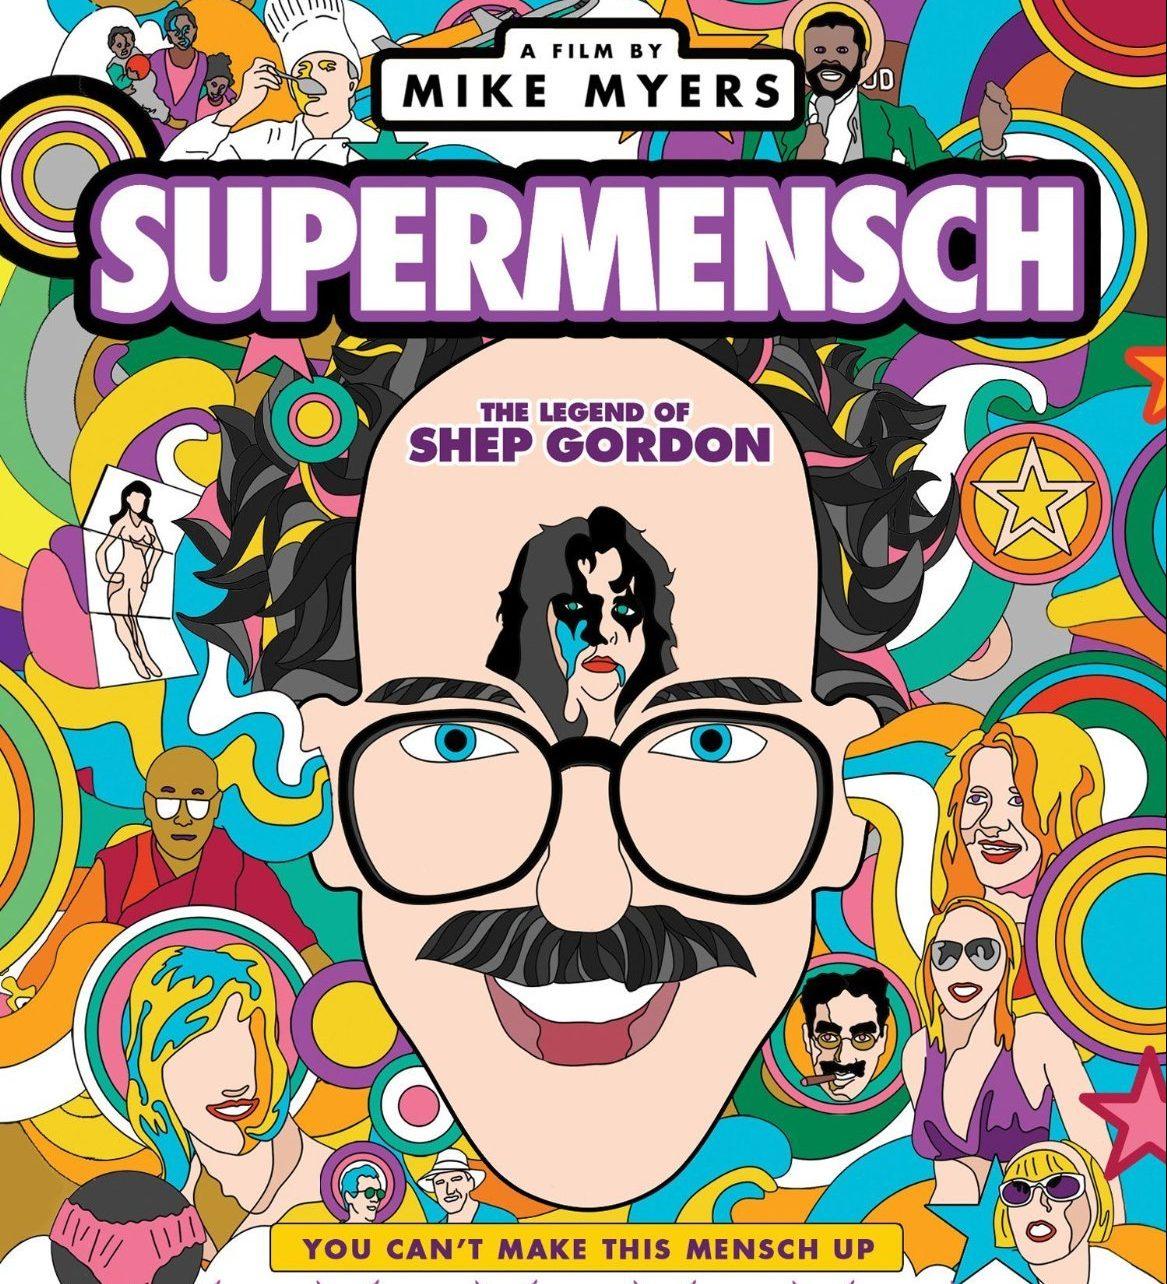 supermench-the legend of Shep Gordon